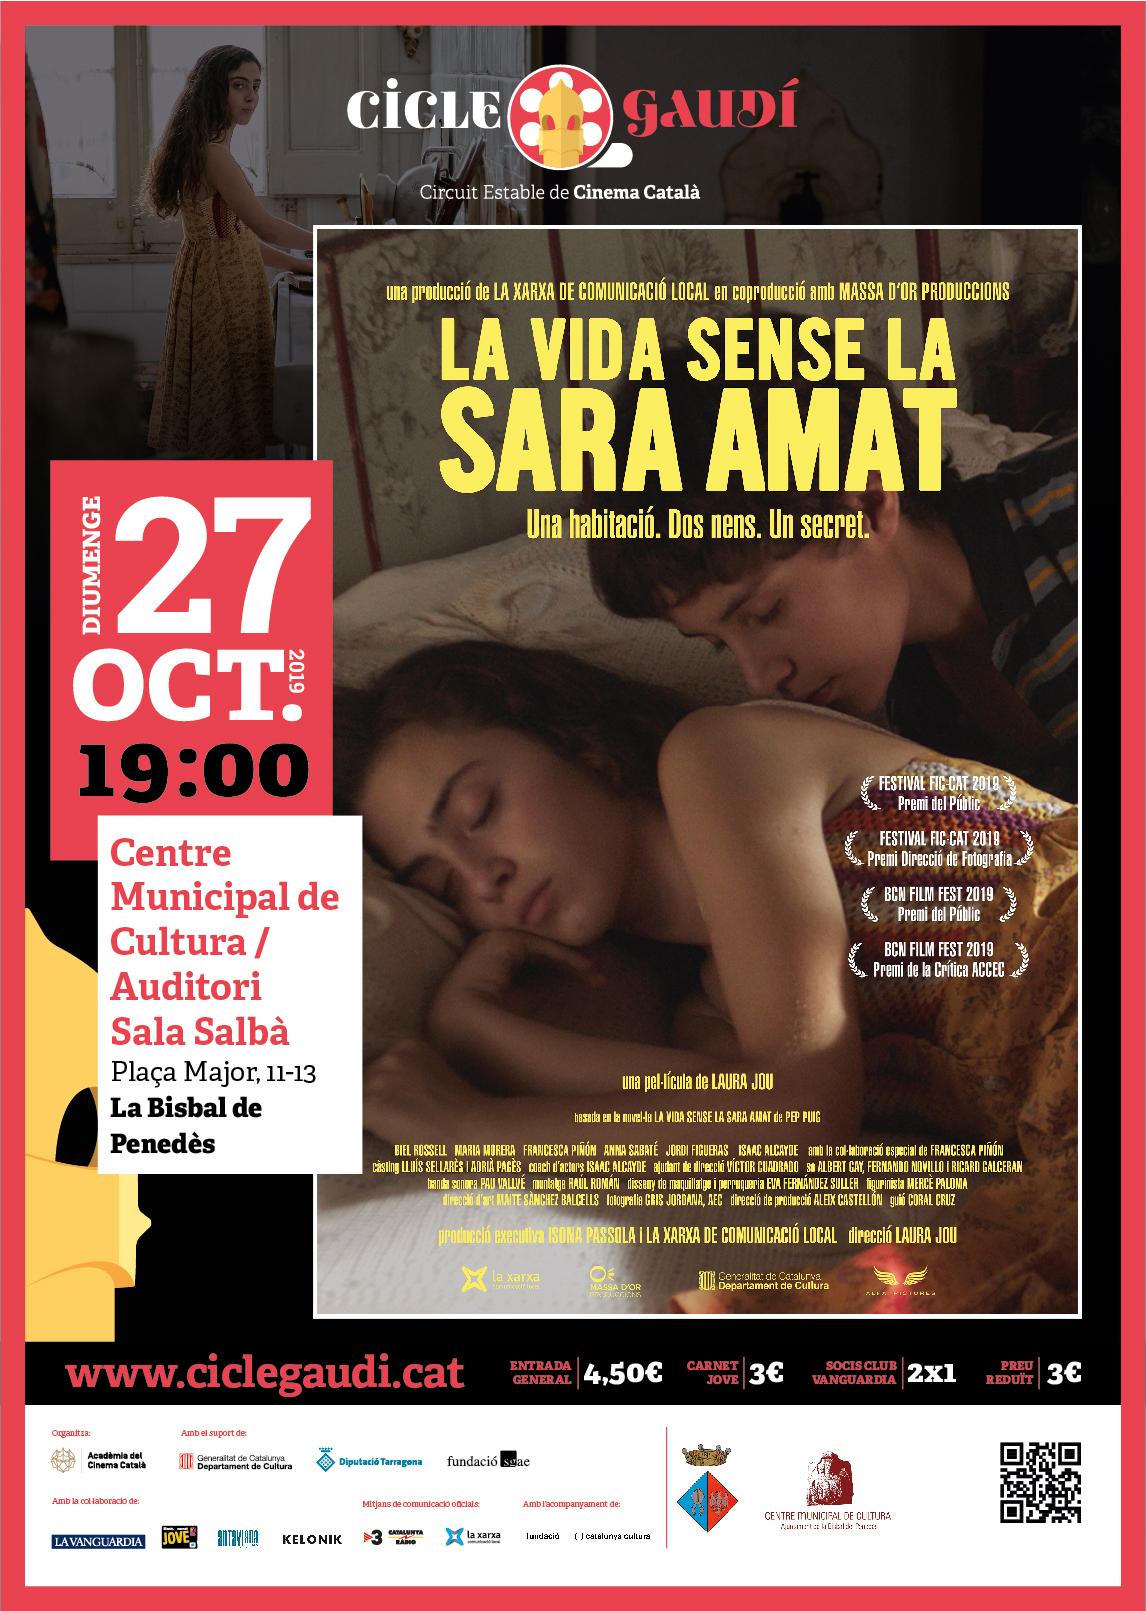 Aquest diumenge 27 d'octubre podreu gaudir de la pel·lícula 'La vida sense Sara Amat' al CMC